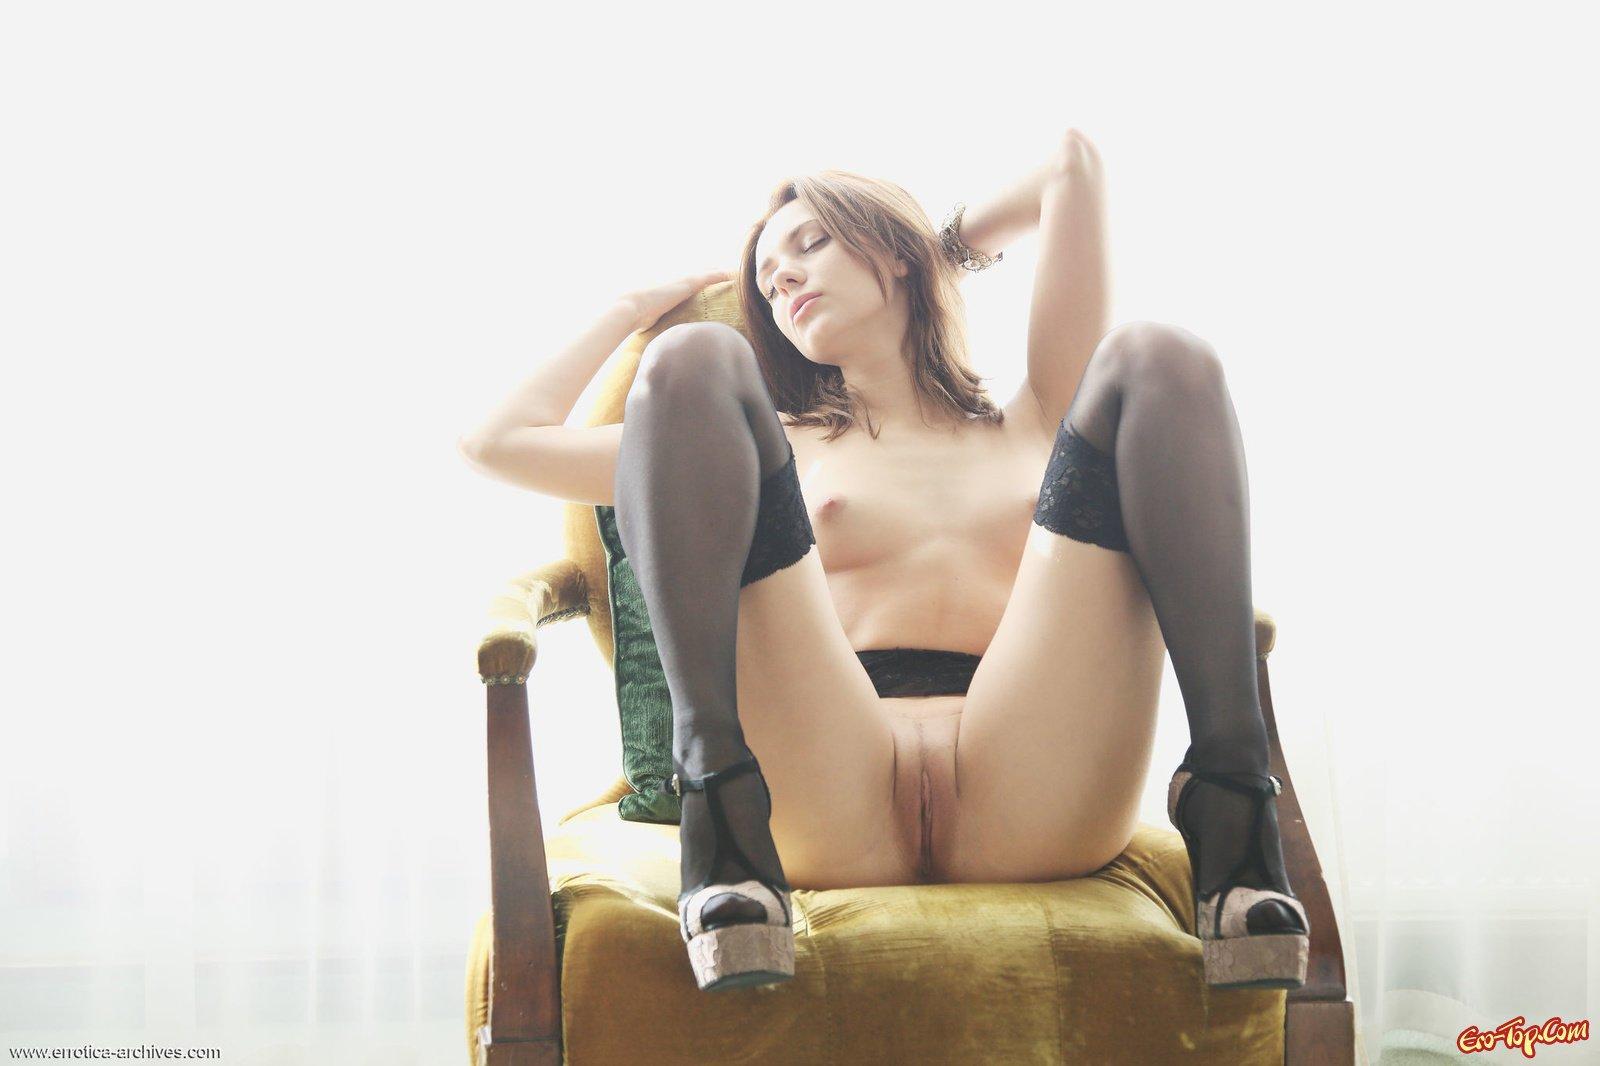 Эротичная мамка светит гладкой писей на стуле